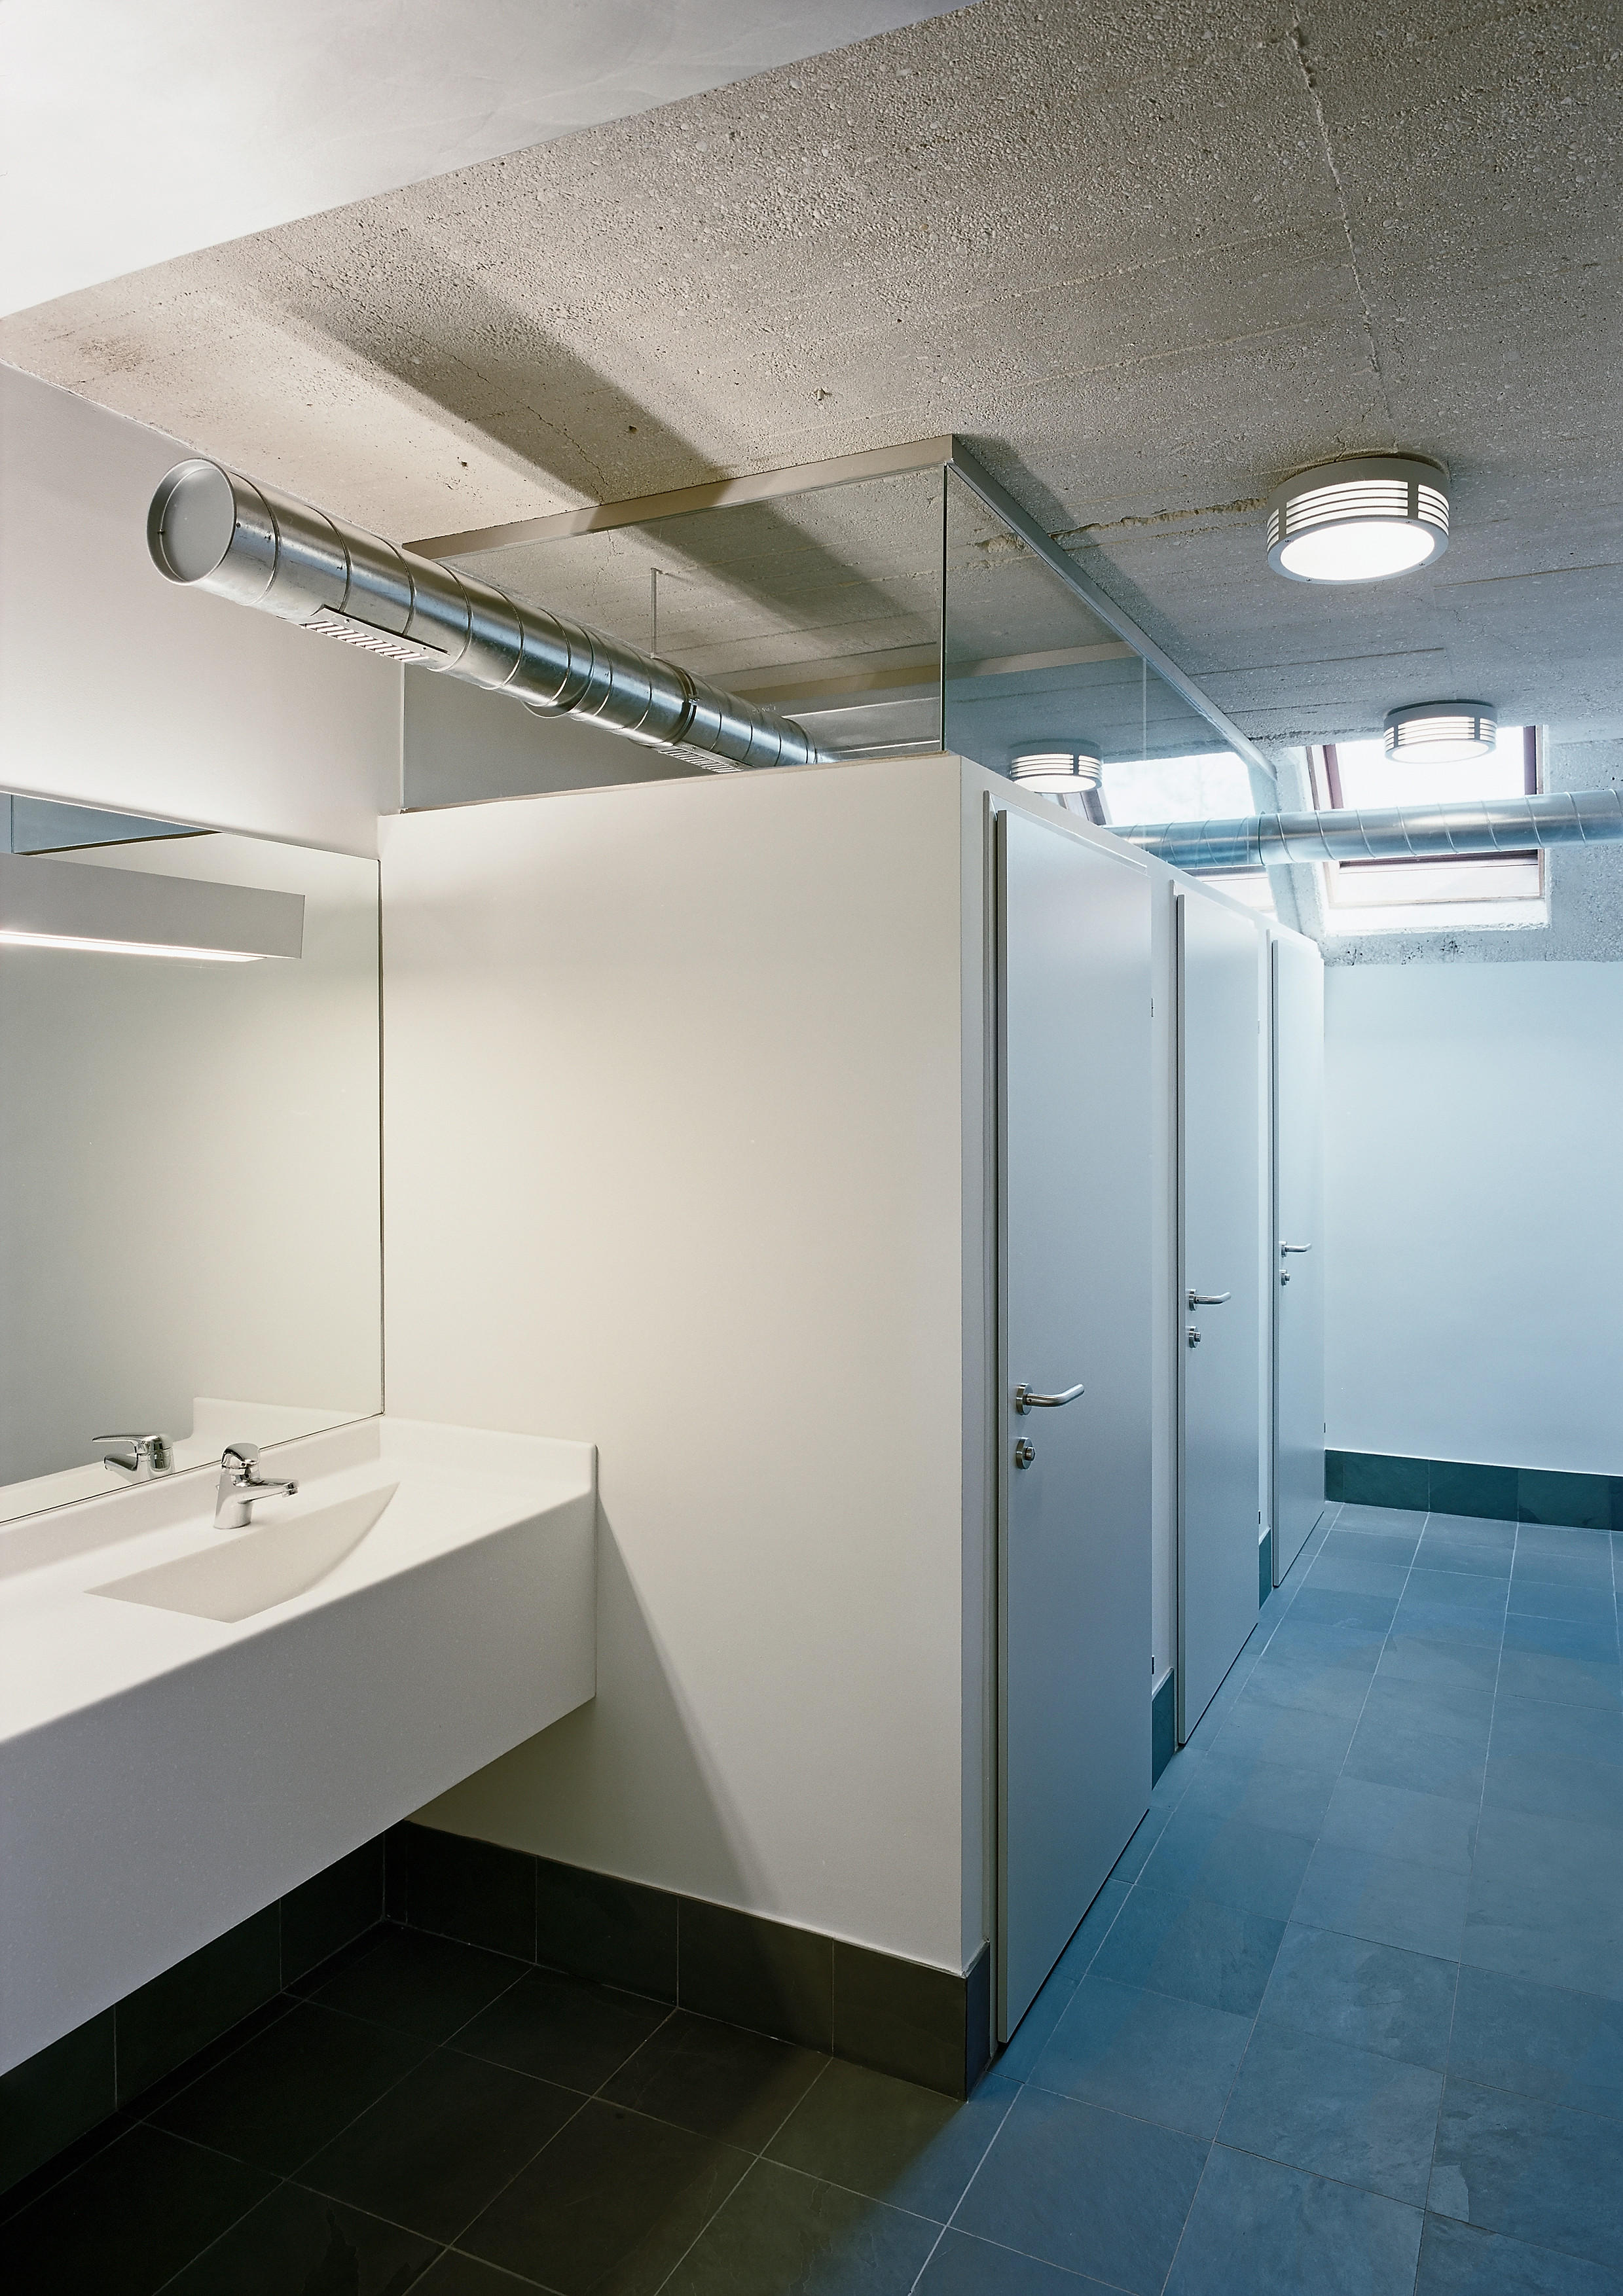 <p>© RUNSER / PRANTL architekten, Yachtclub Podersdorf, 7141 Podersdorf, Burgenland, Österreich, 2009, Sport, Bad, Fotograf Rupert Steiner</p>